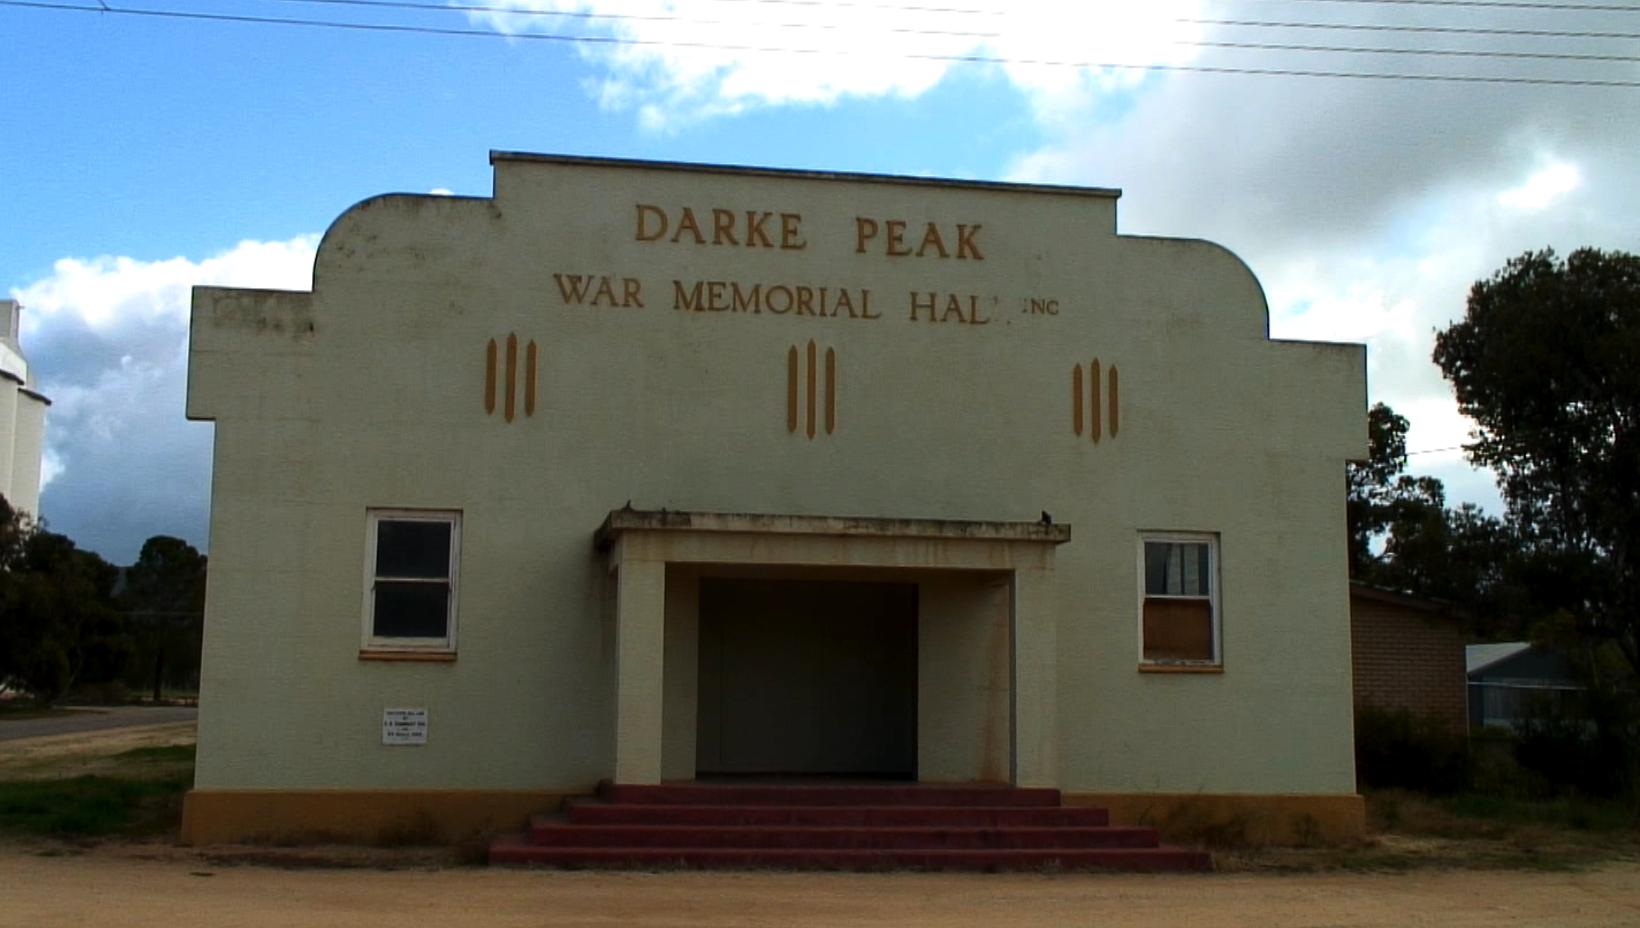 Darke Peak Hall